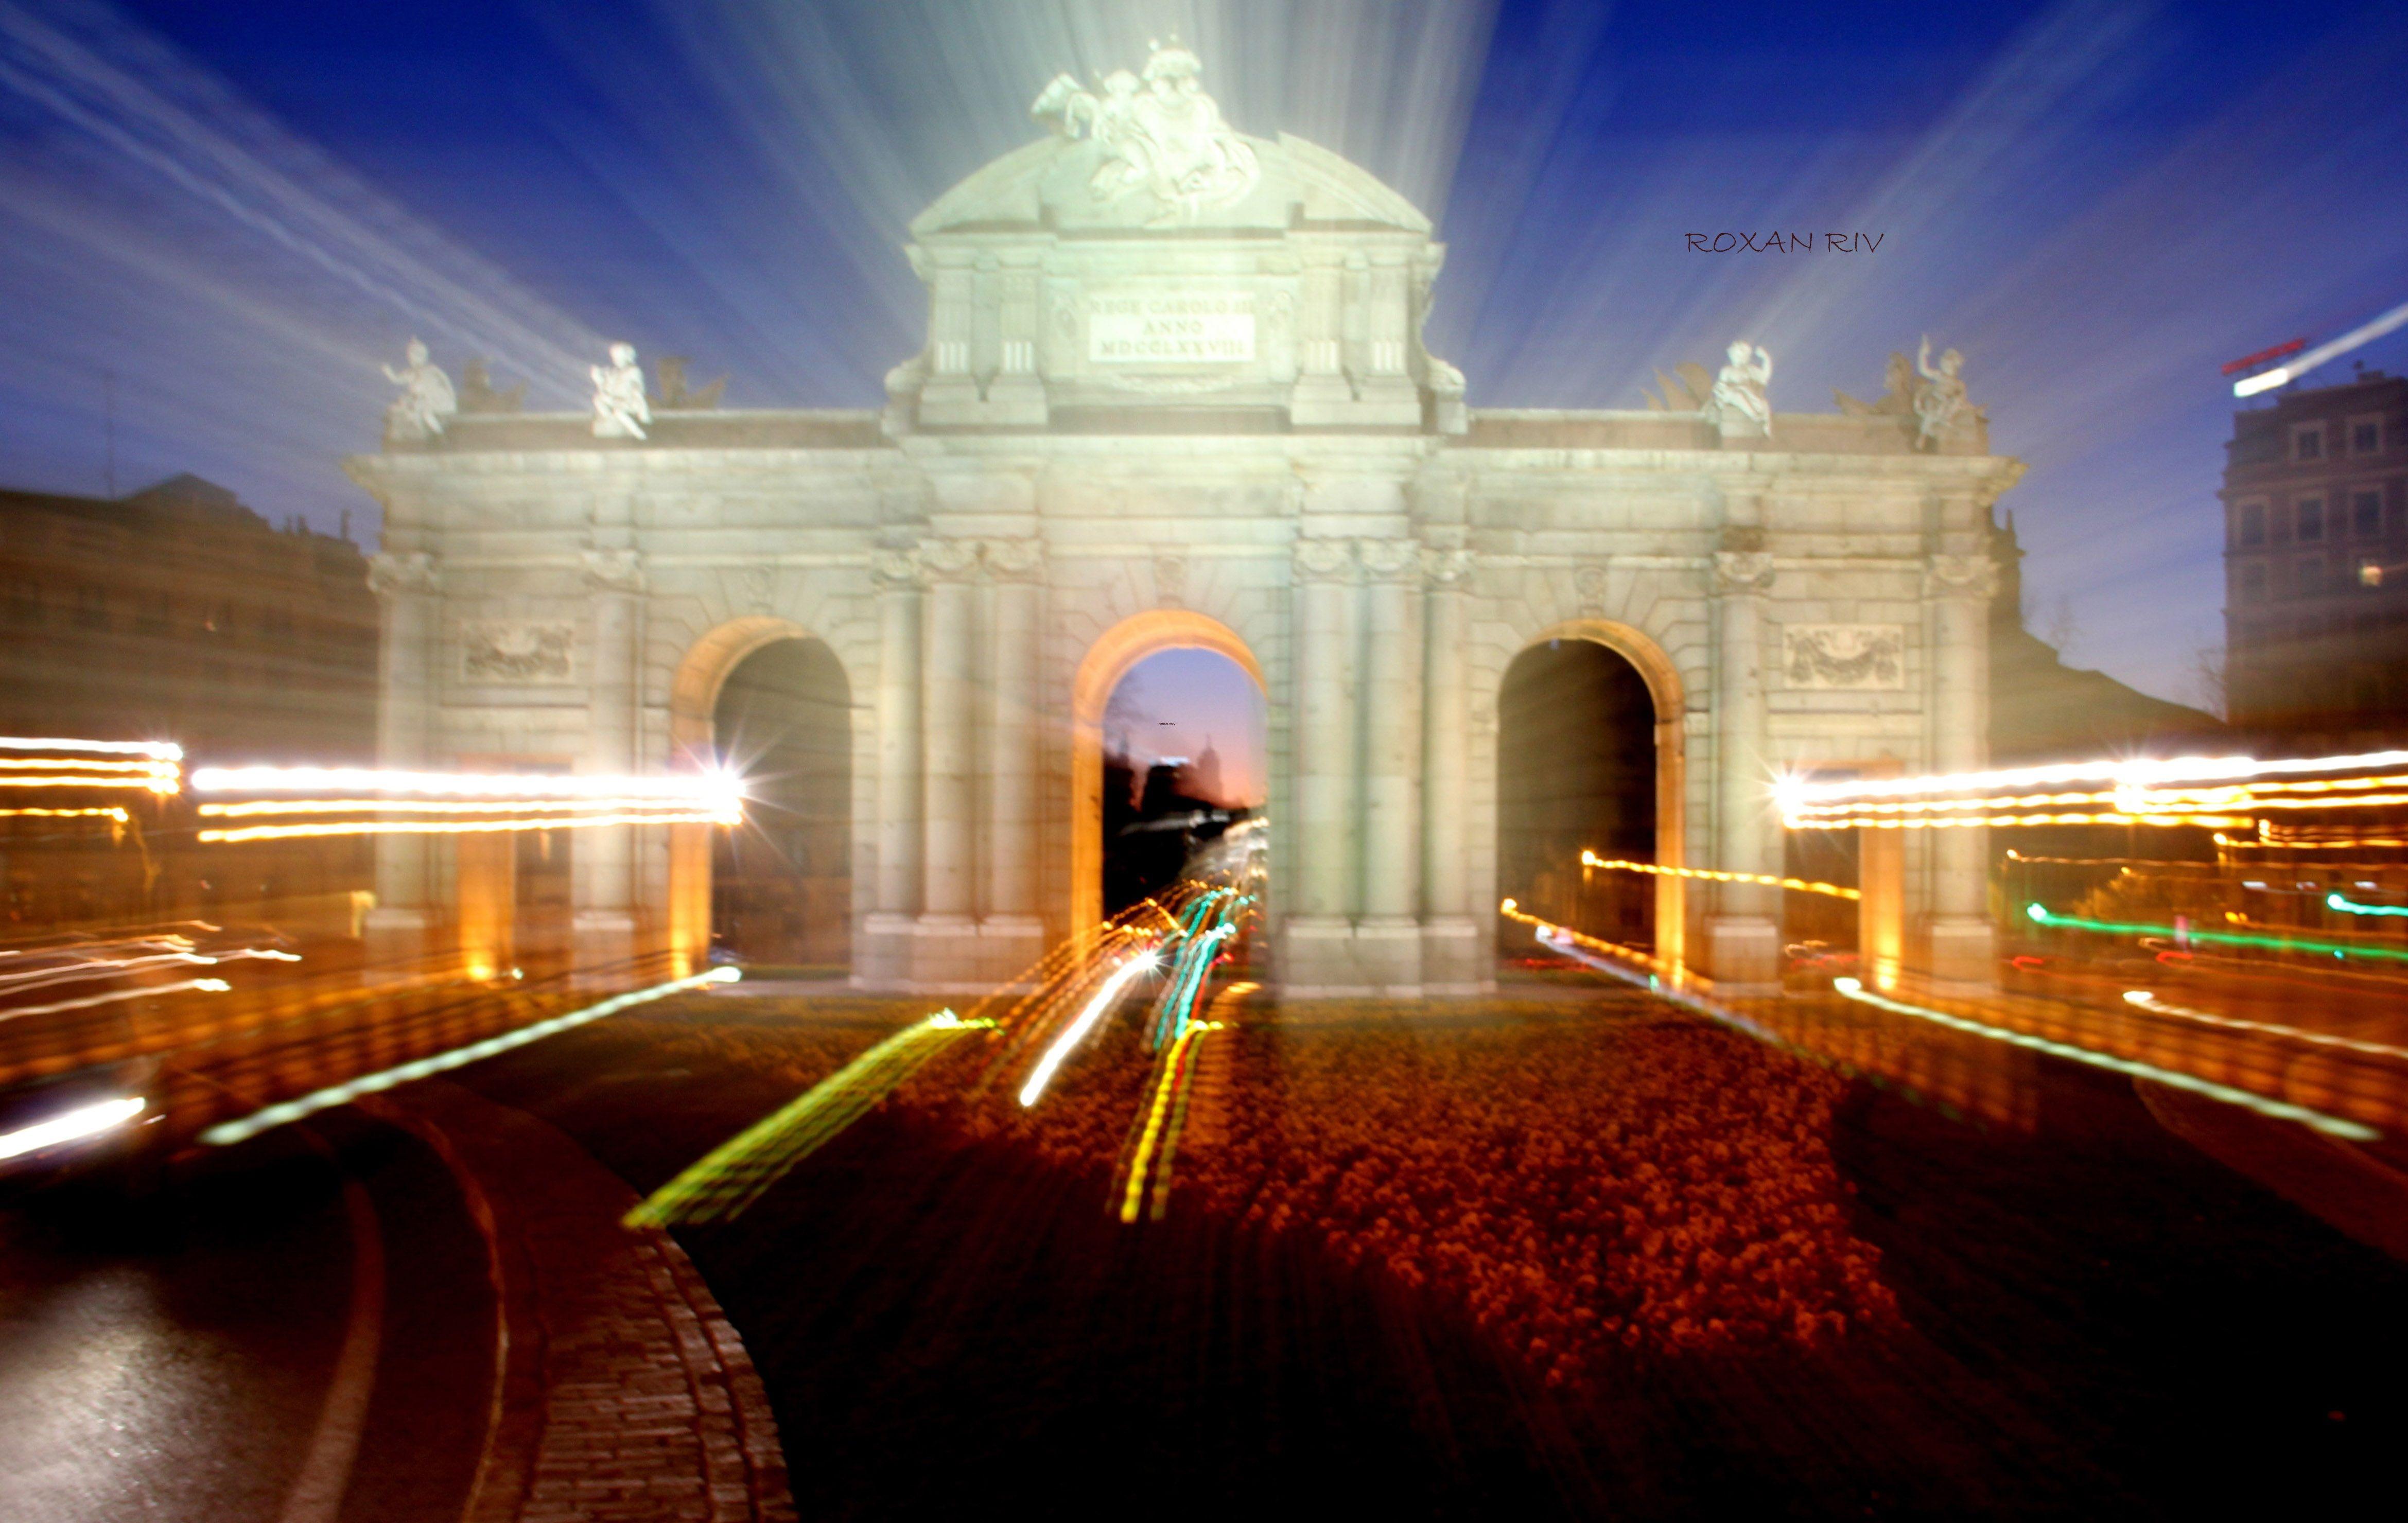 *Puerta de Alcalà, Madrid, España*  Es una de las puertas reales que daba acceso a la ciudad de Madrid.  Obra del arquitecto italiano Francesco Sabatini